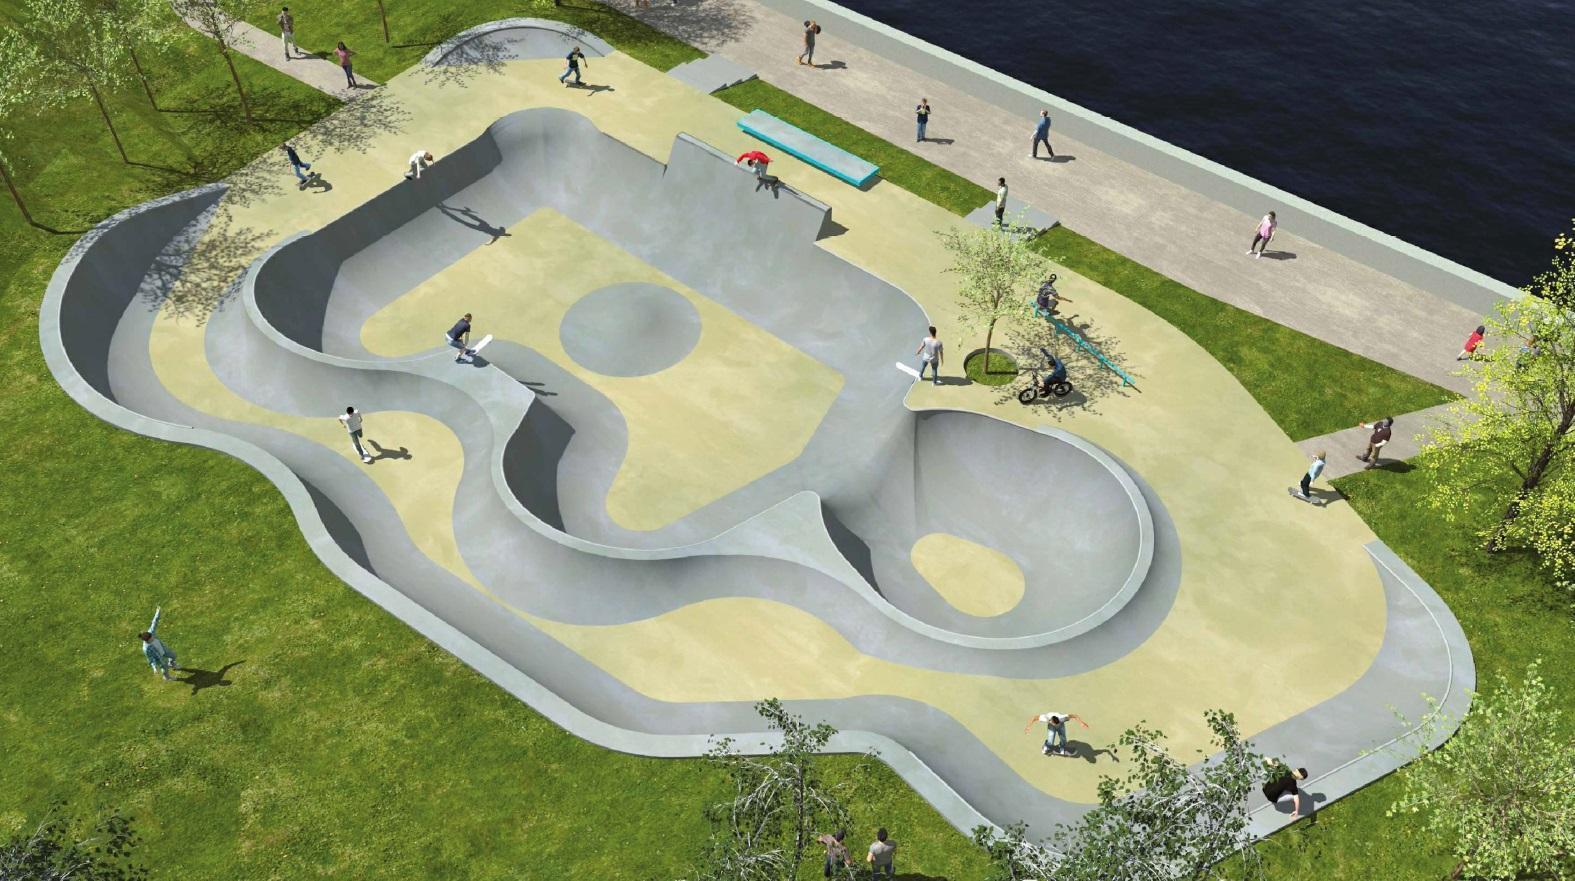 Le montant de l'aménagement du skatepark, dont le terrassement est en cours (ci-dessous)  est estimé à 260 000 euros.